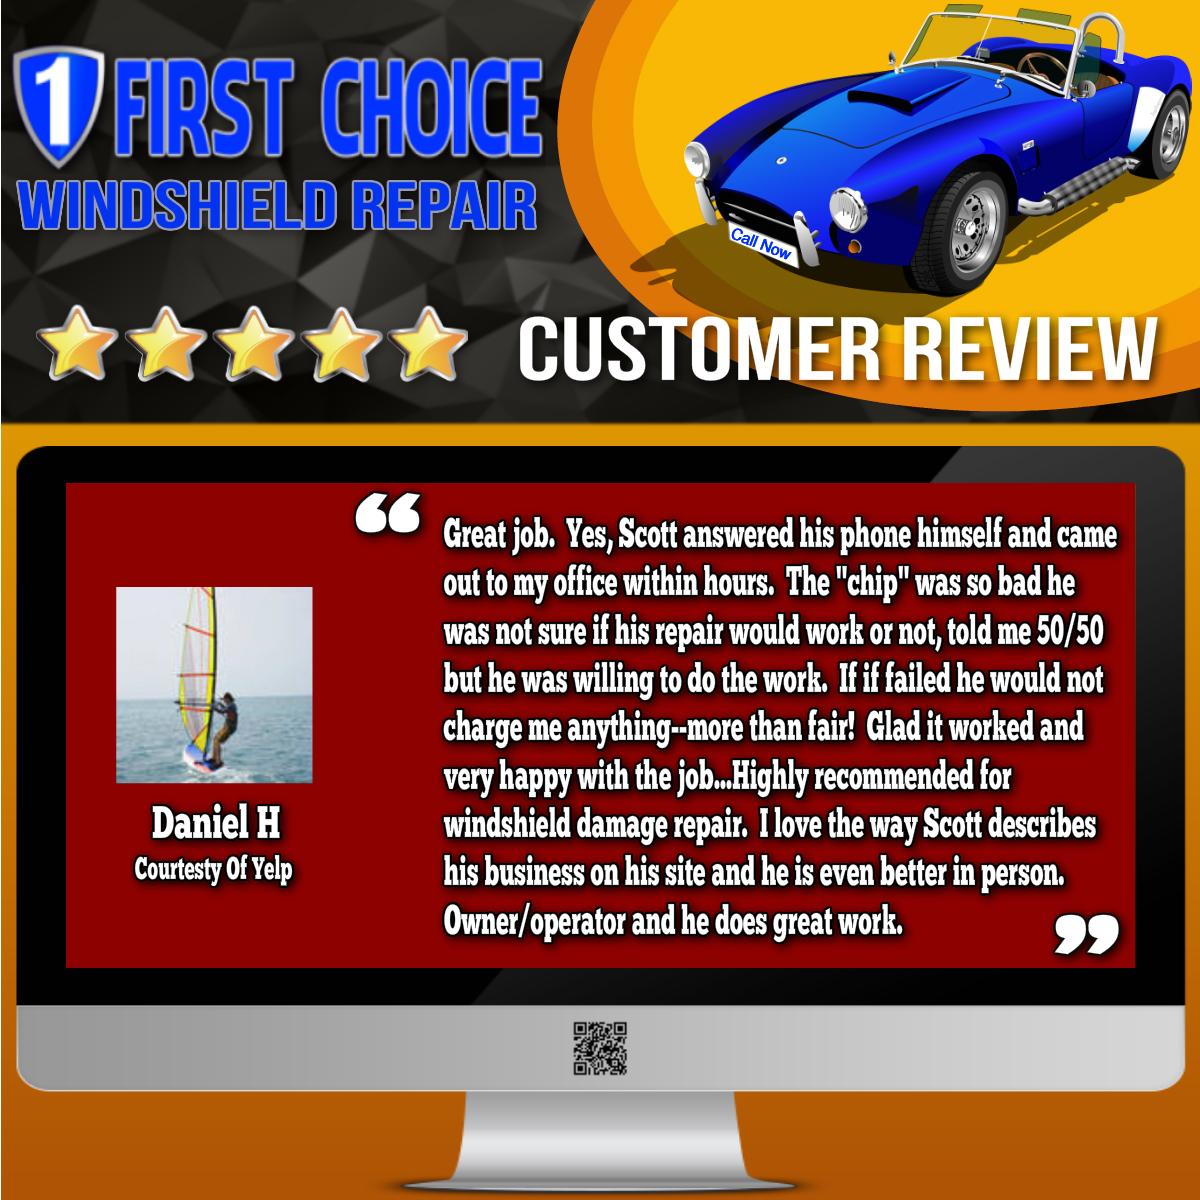 Daniel H review screenshot from Yelp